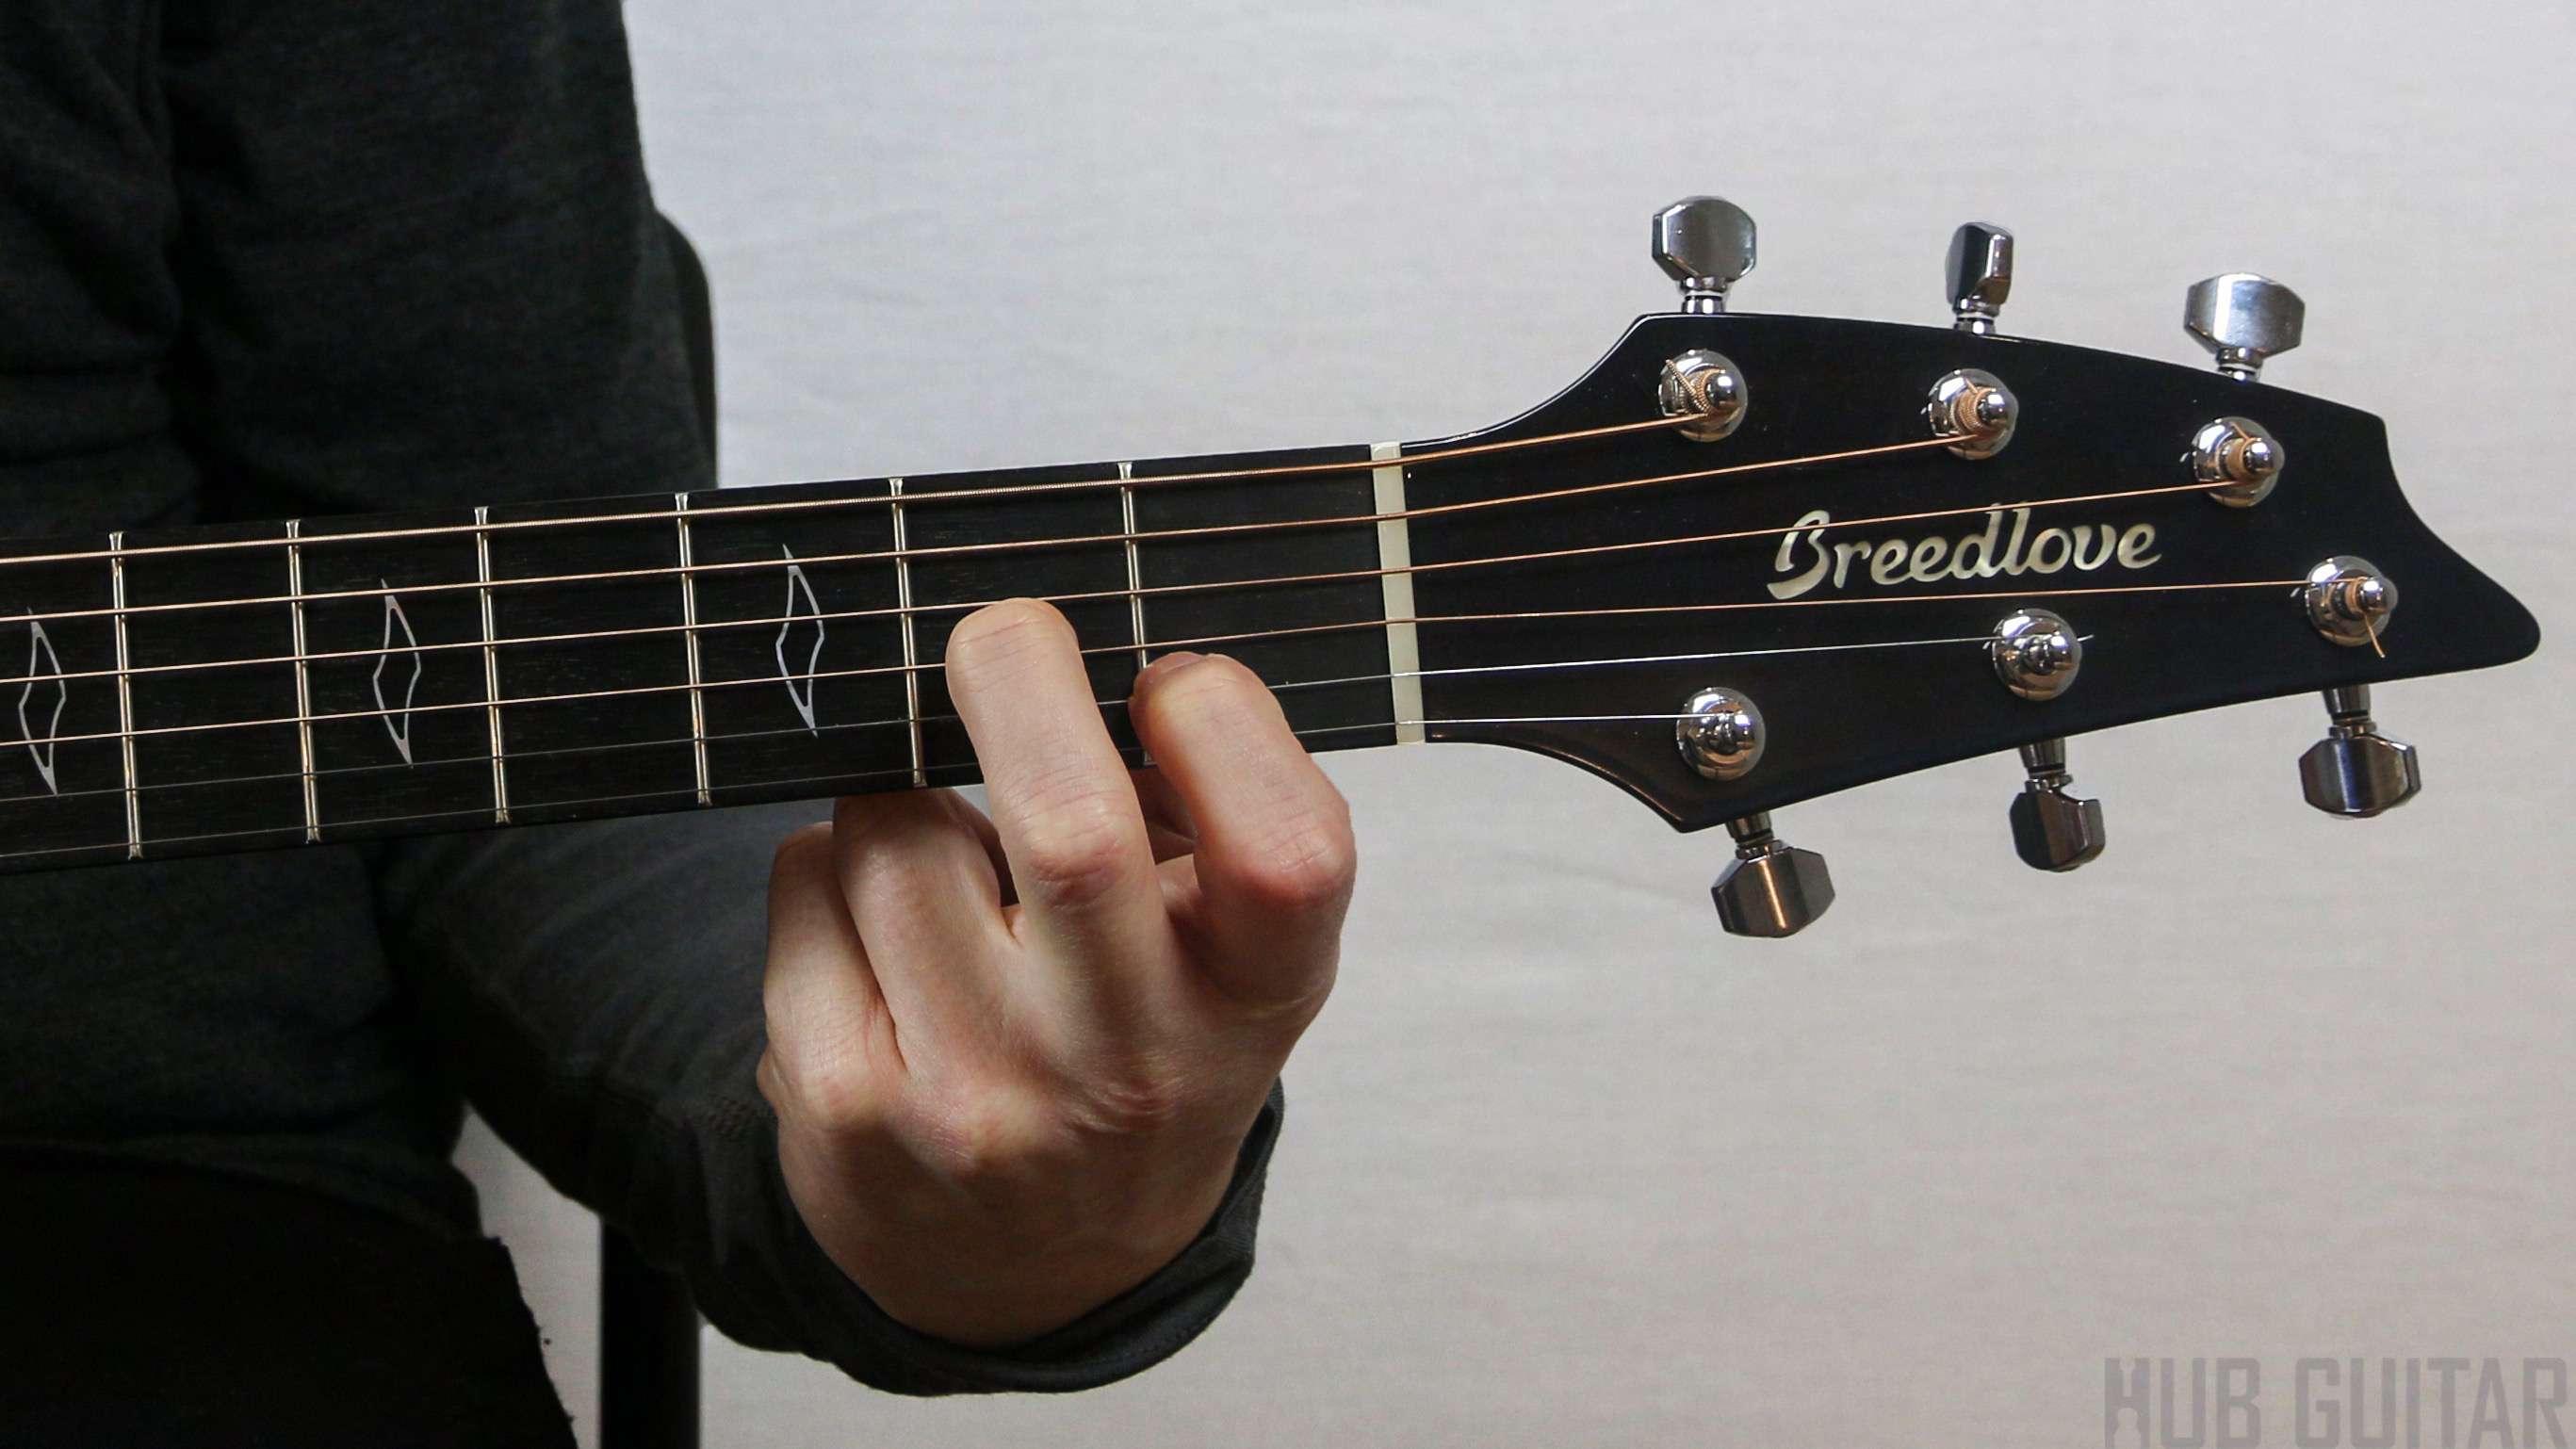 Comprehensive List Of 2-Finger Chords For Guitar  Hub Guitar-8500